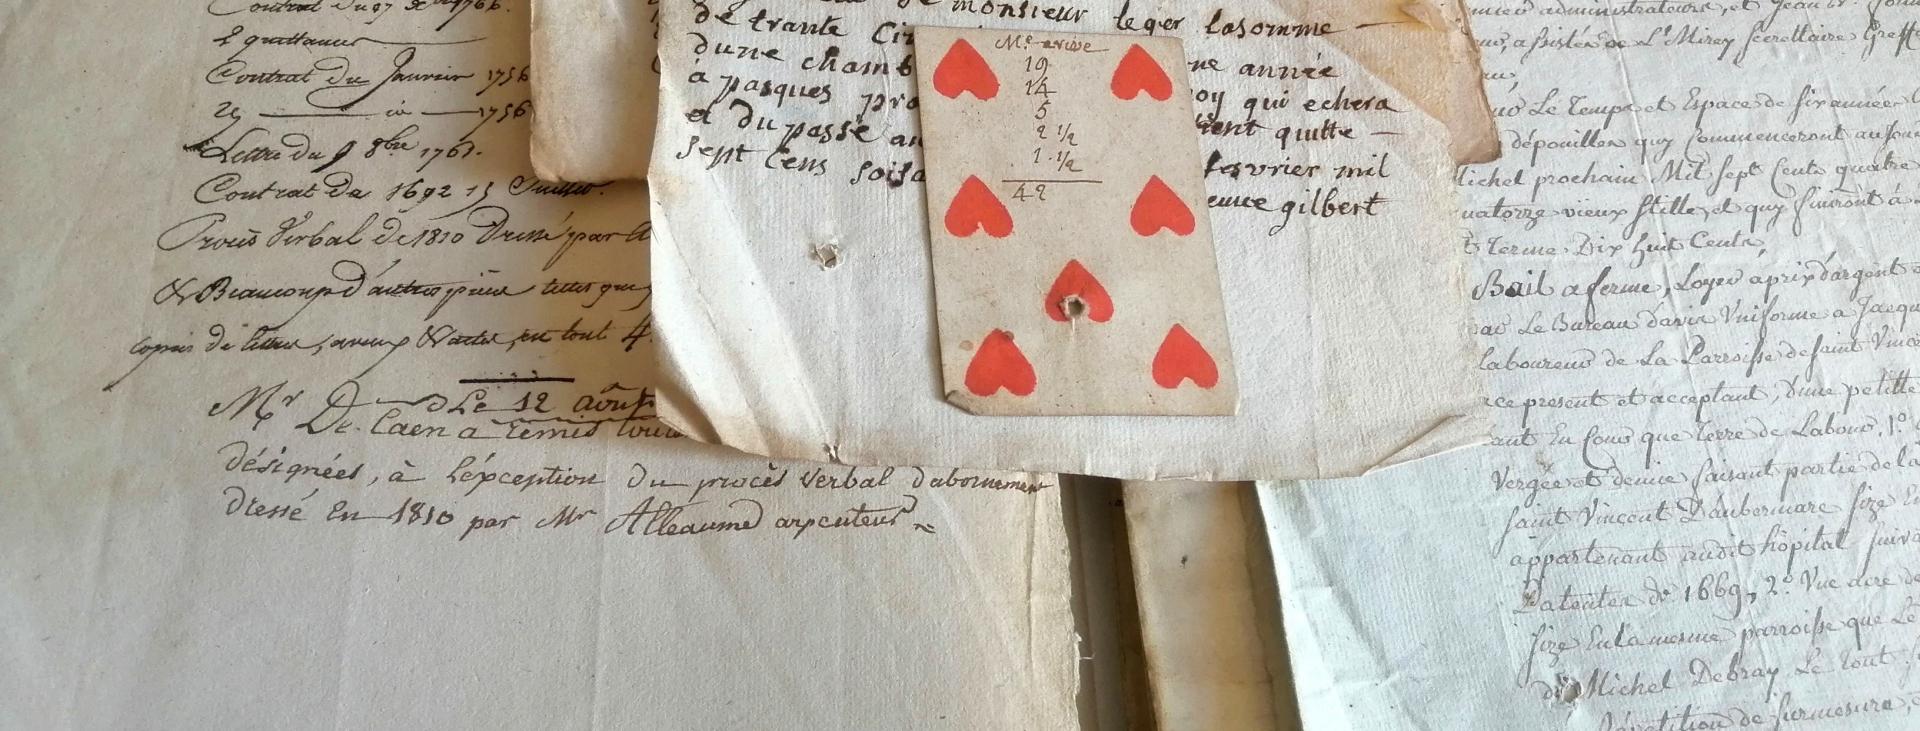 Archives municipales du Havre